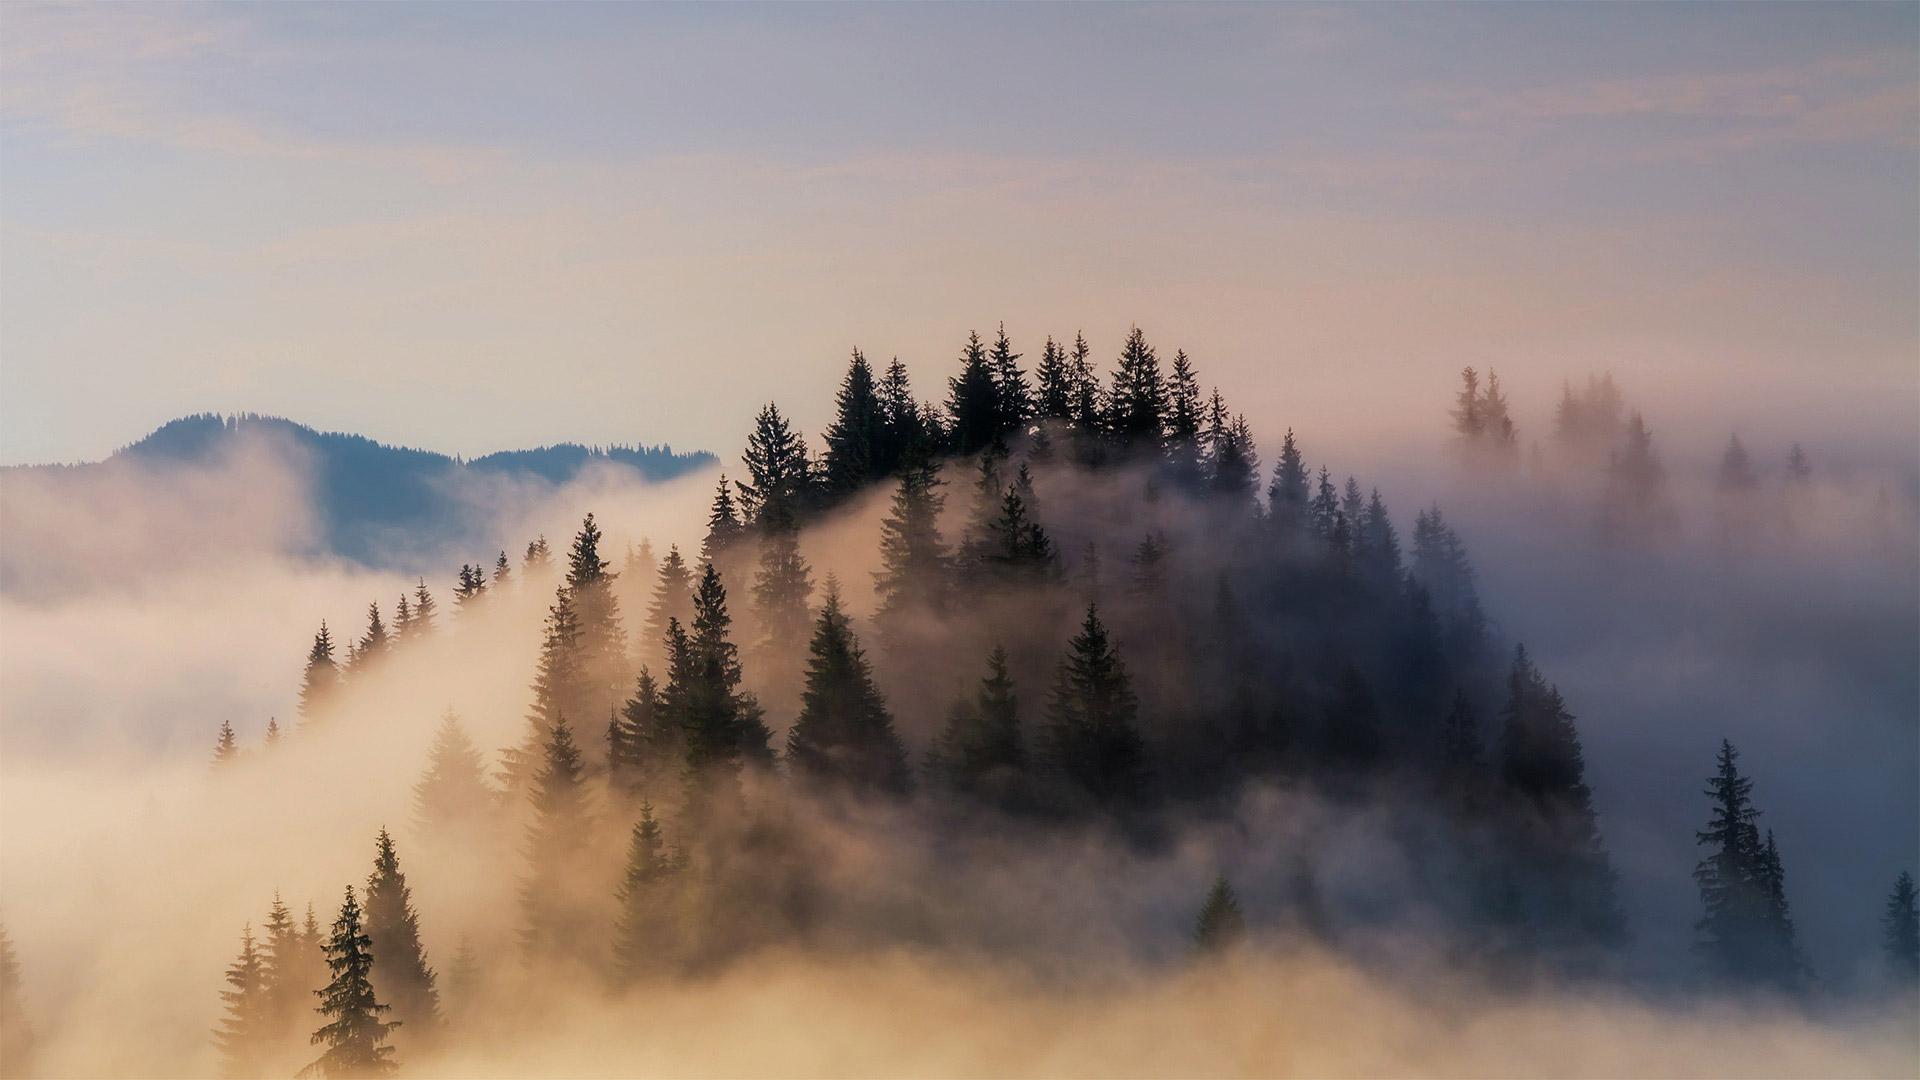 © Anton Petrus/Getty Images